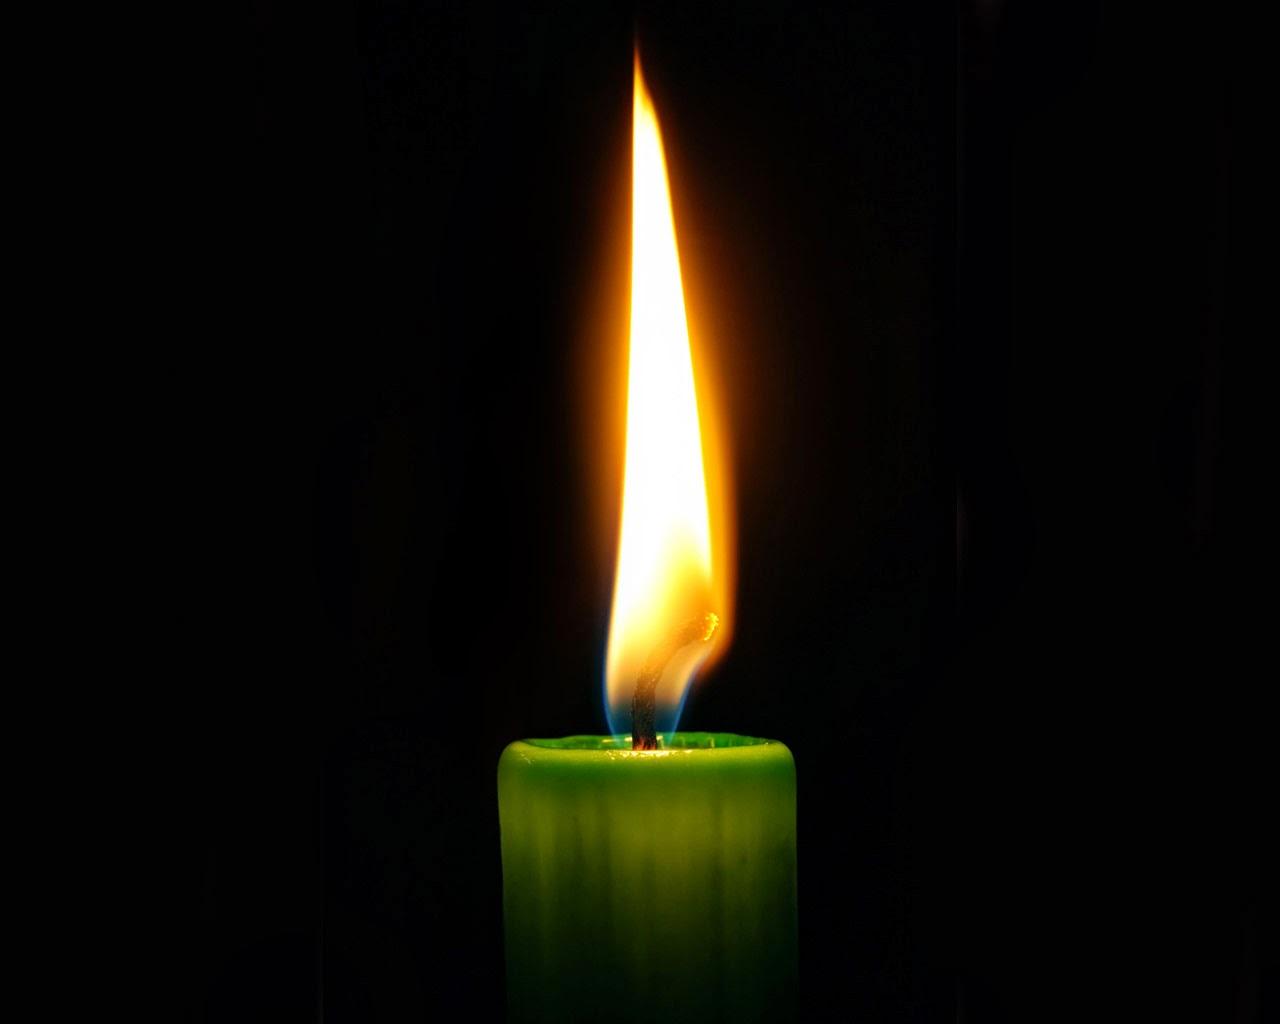 Una luz encendida permanentemente por tu progreso